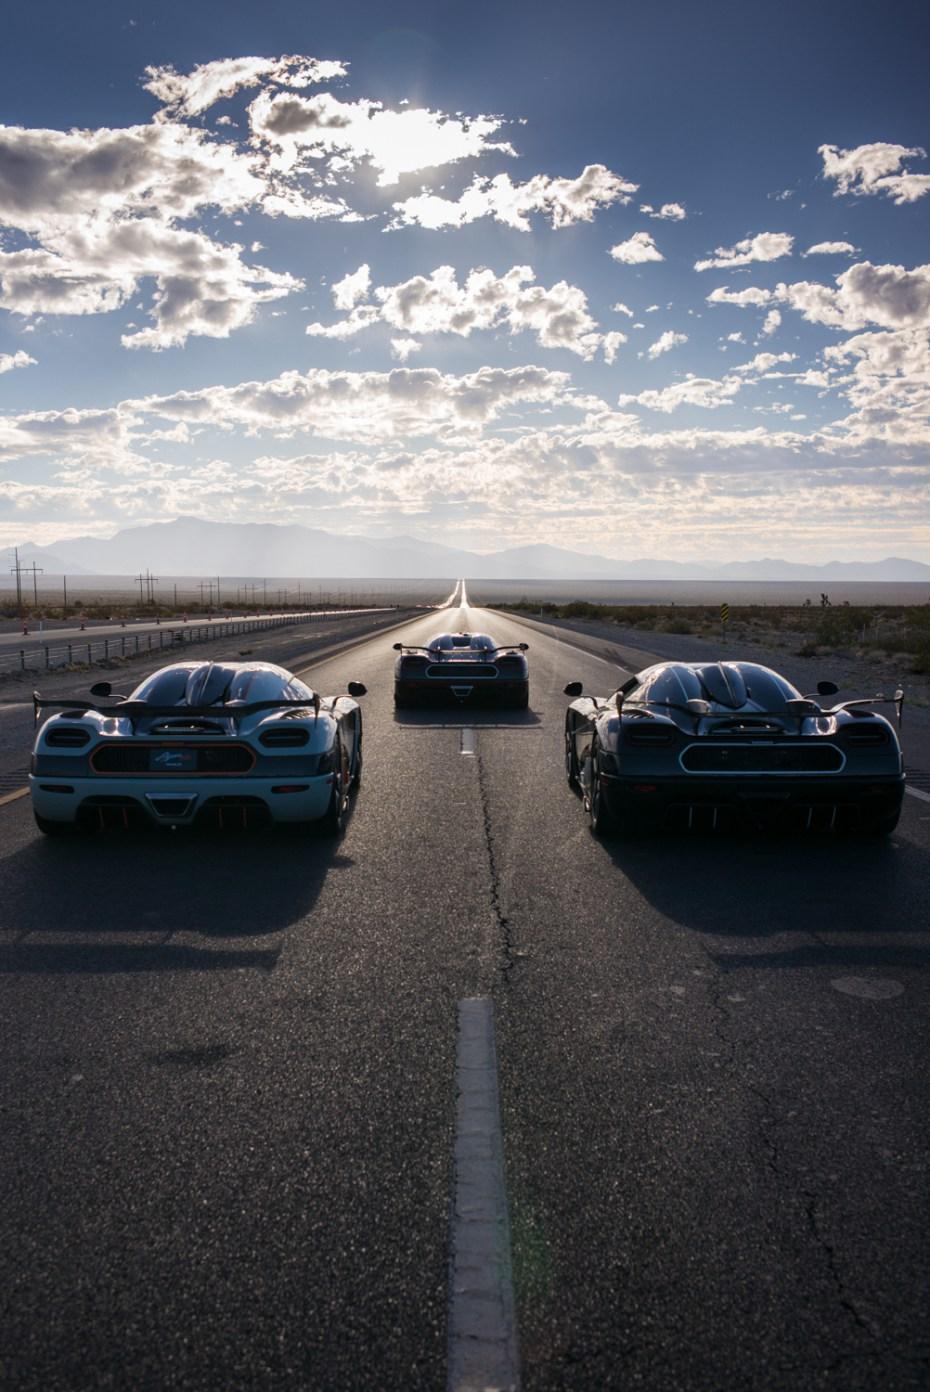 a trio of Koenigseggs